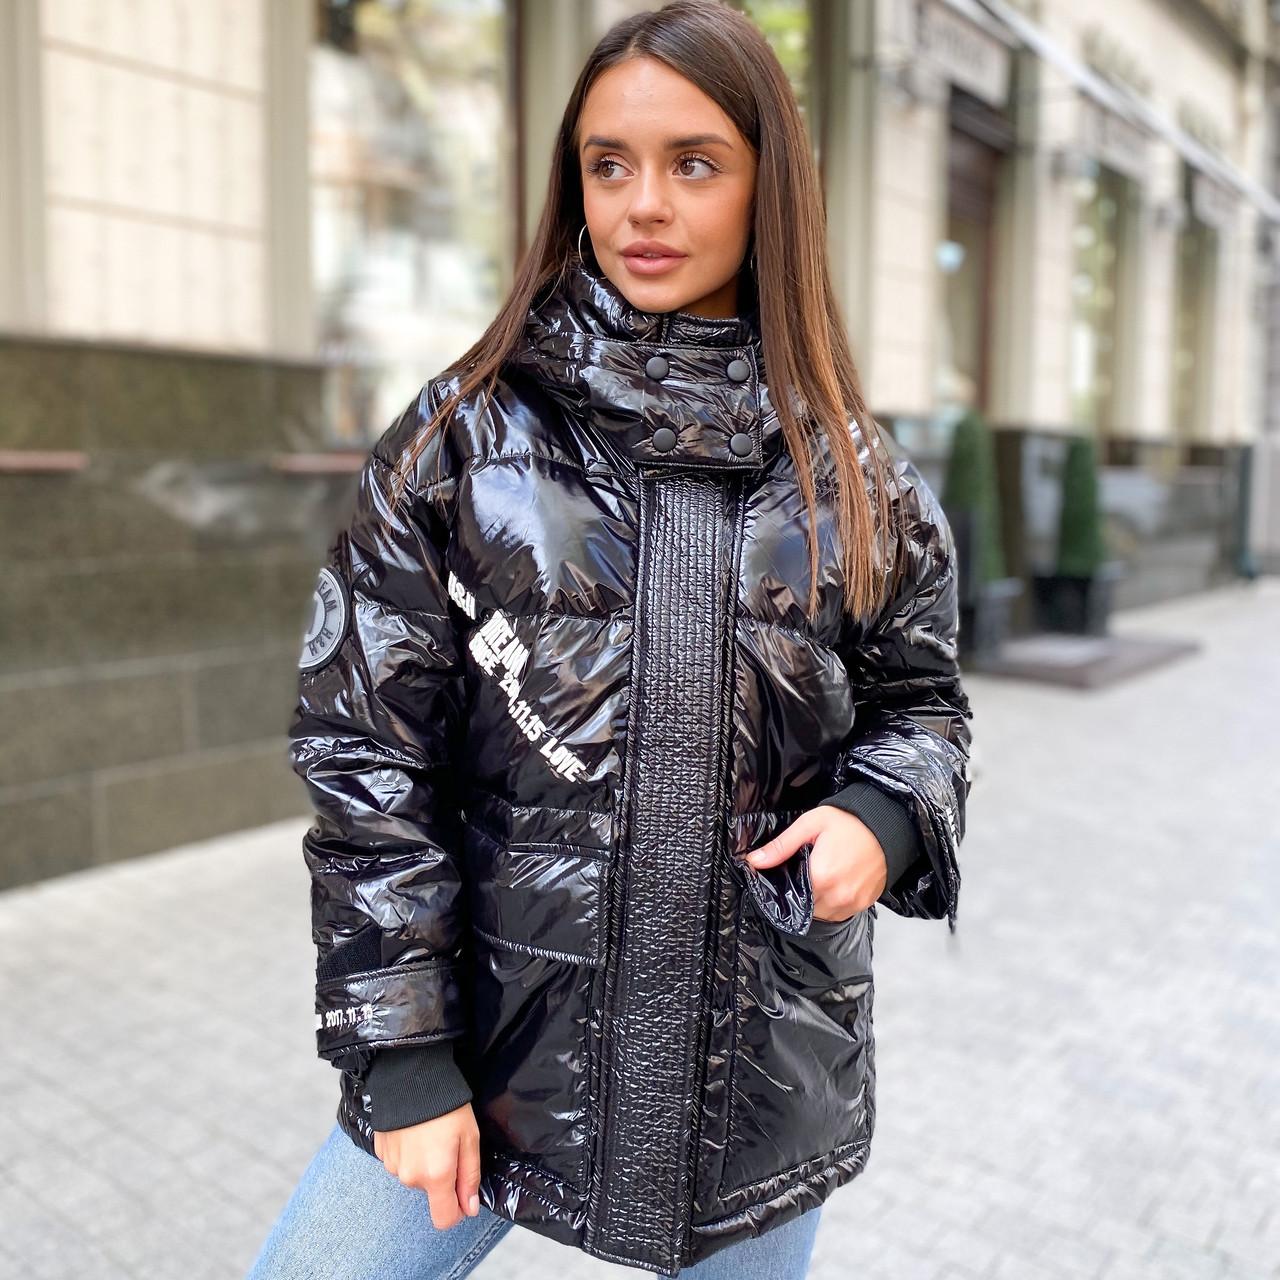 Женский укороченный объемный зимний пуховик, парка, куртка с утиным пухом глянцевый черный